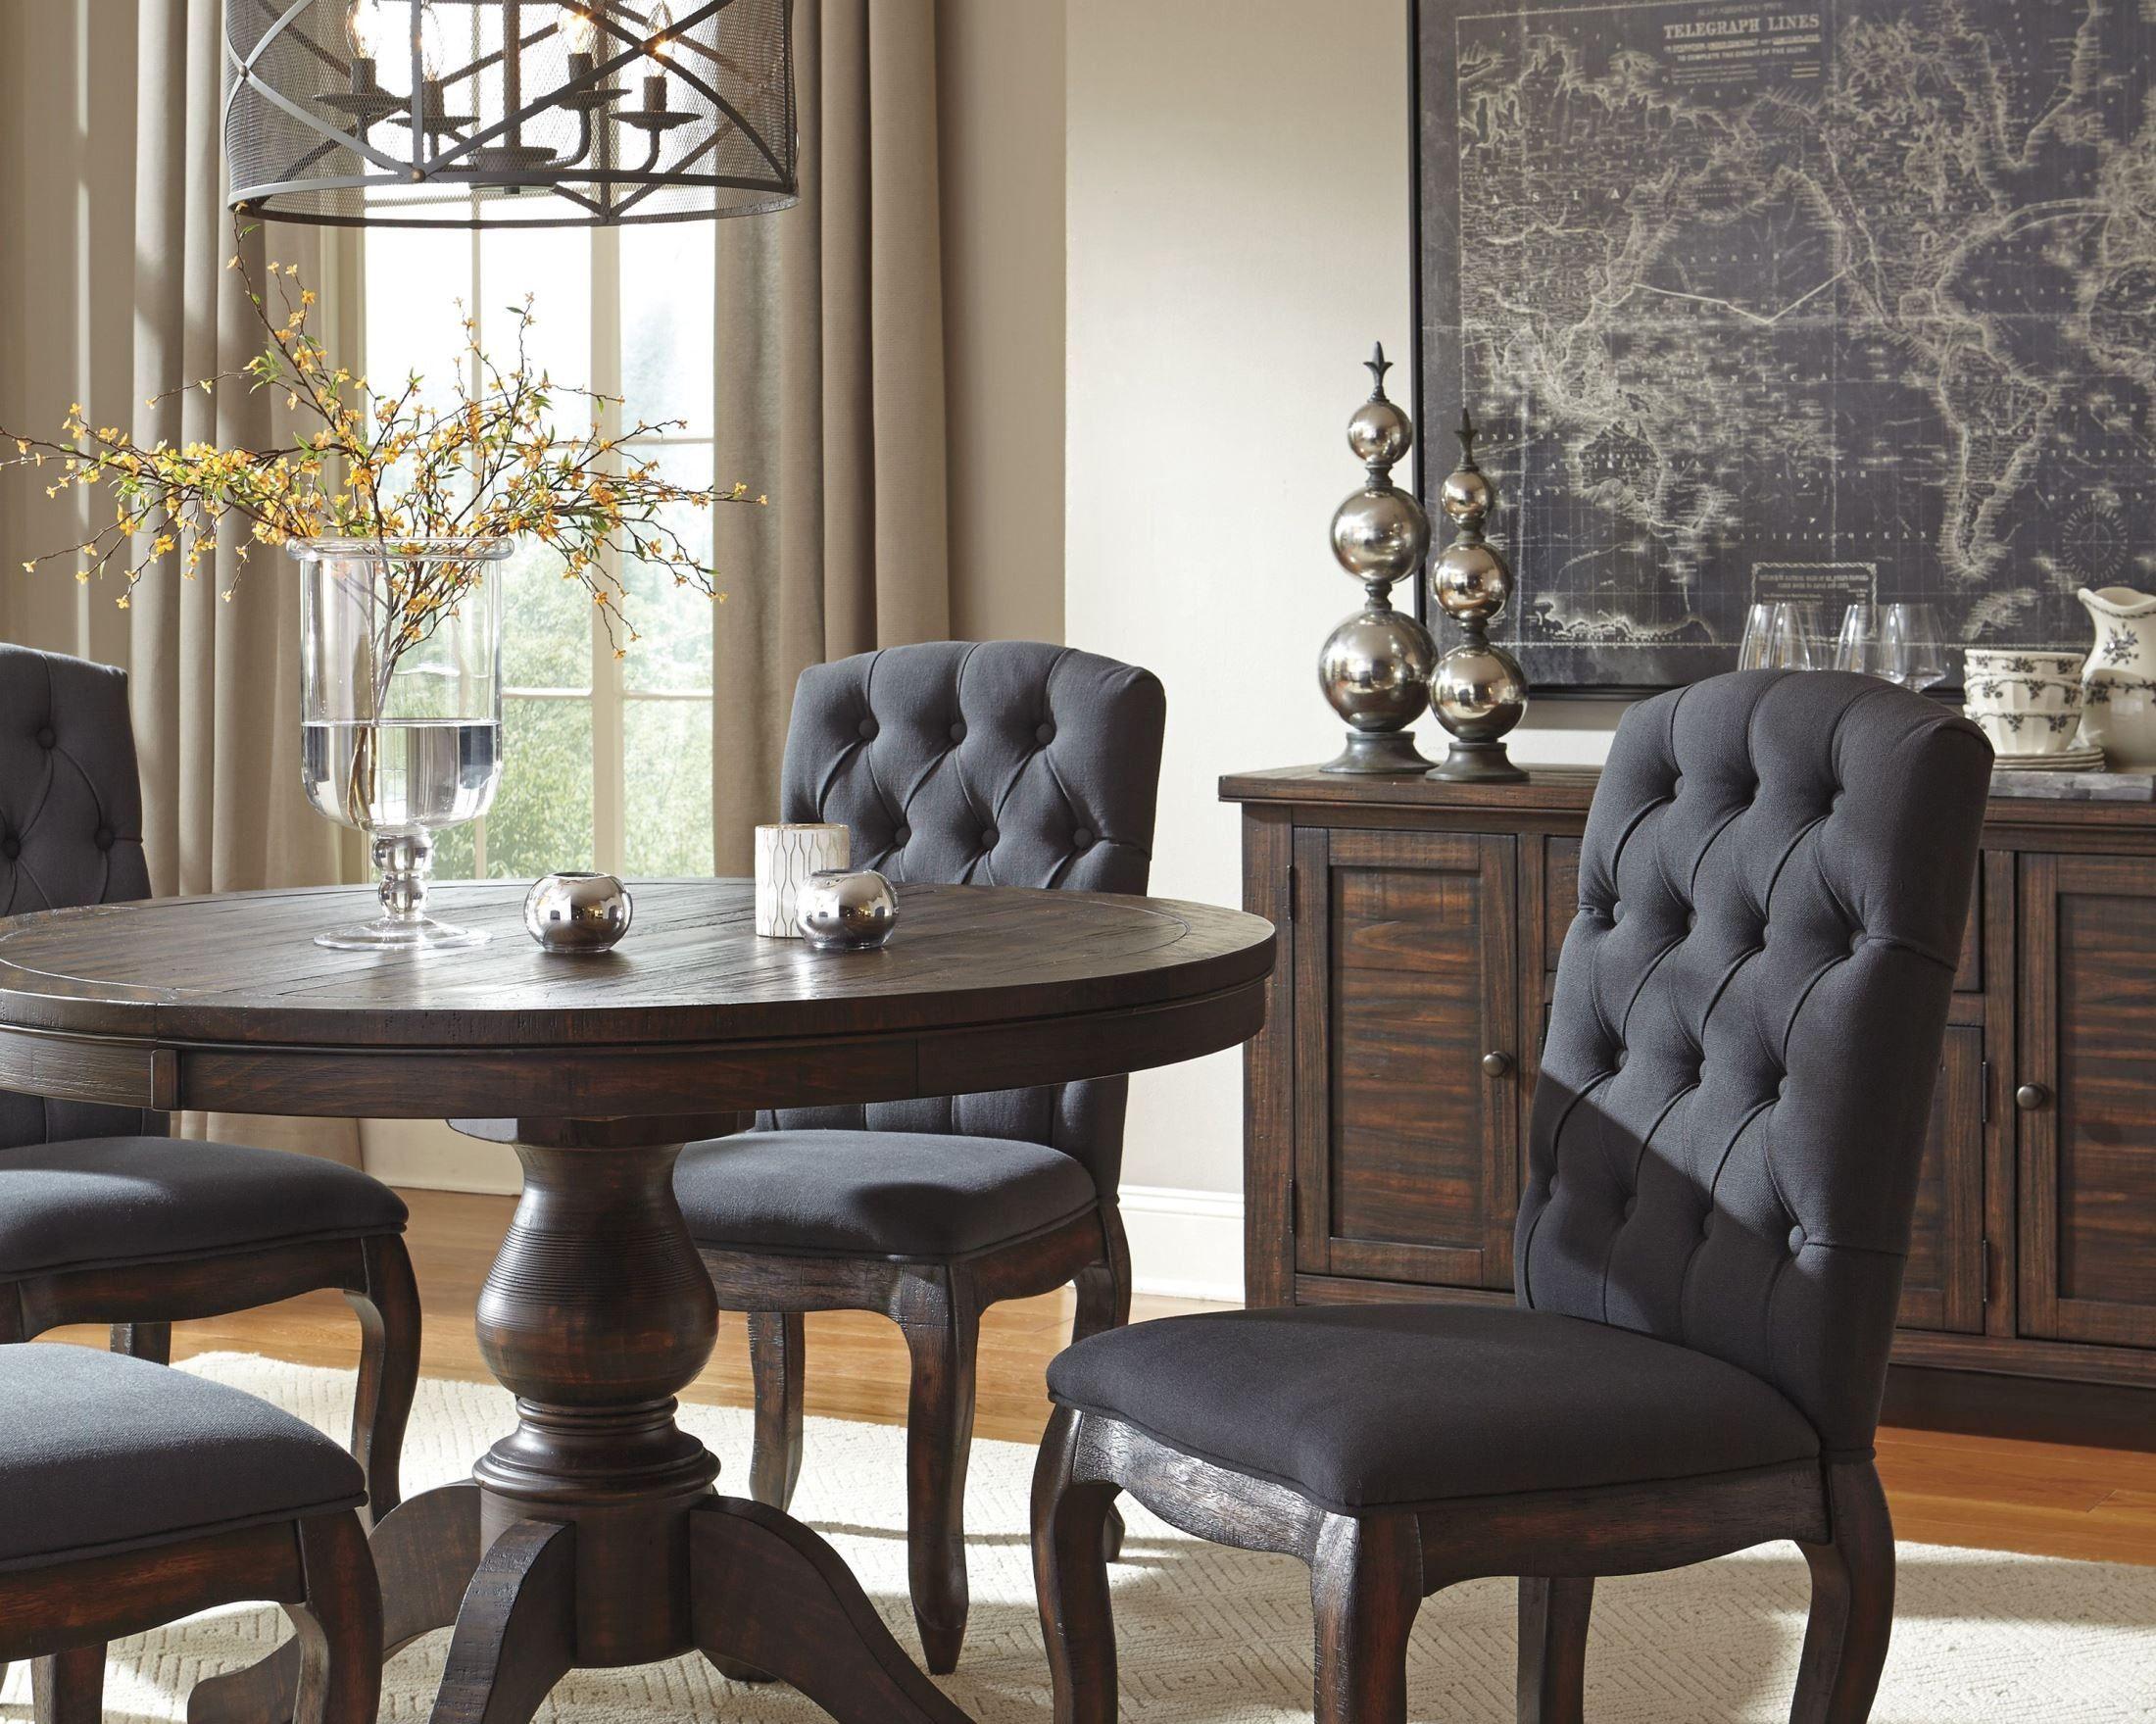 Trudell Dark Brown Round Extendable Pedestal Dining Table Dining Room Chairs Round Dining Room Table Round Dining Room